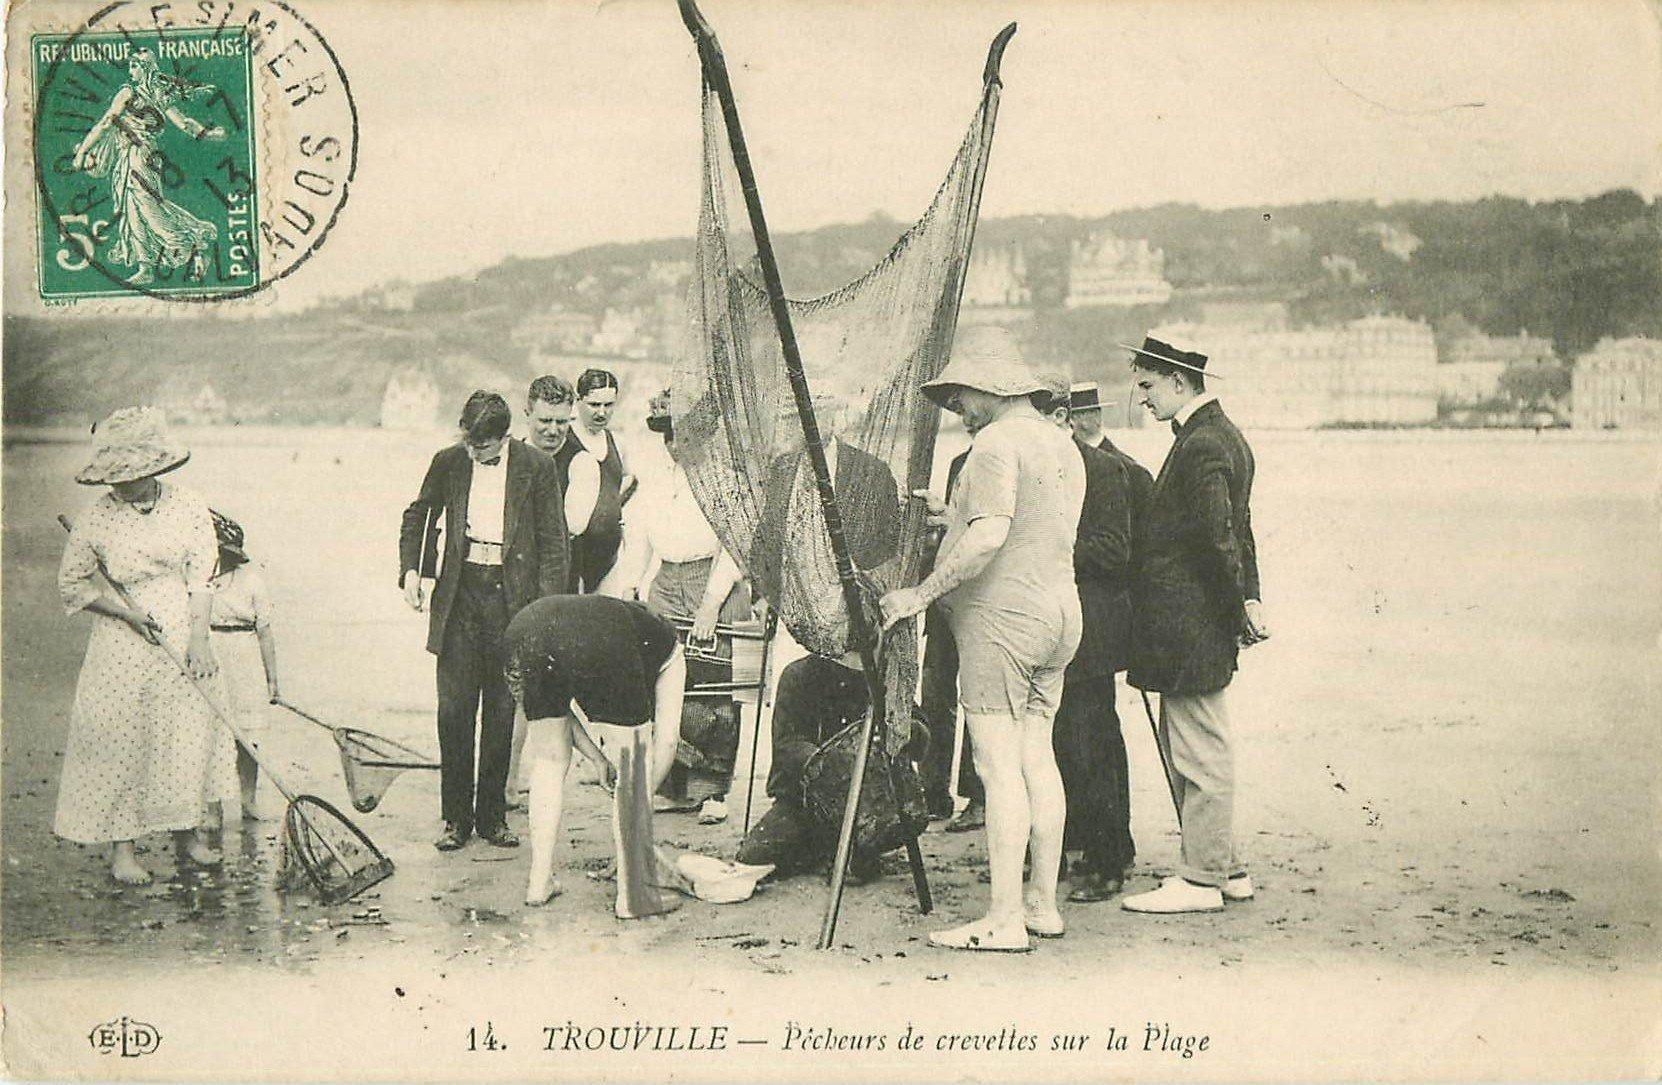 14 TROUVILLE. Pêcheurs de Crevettes sur la Plage 1913